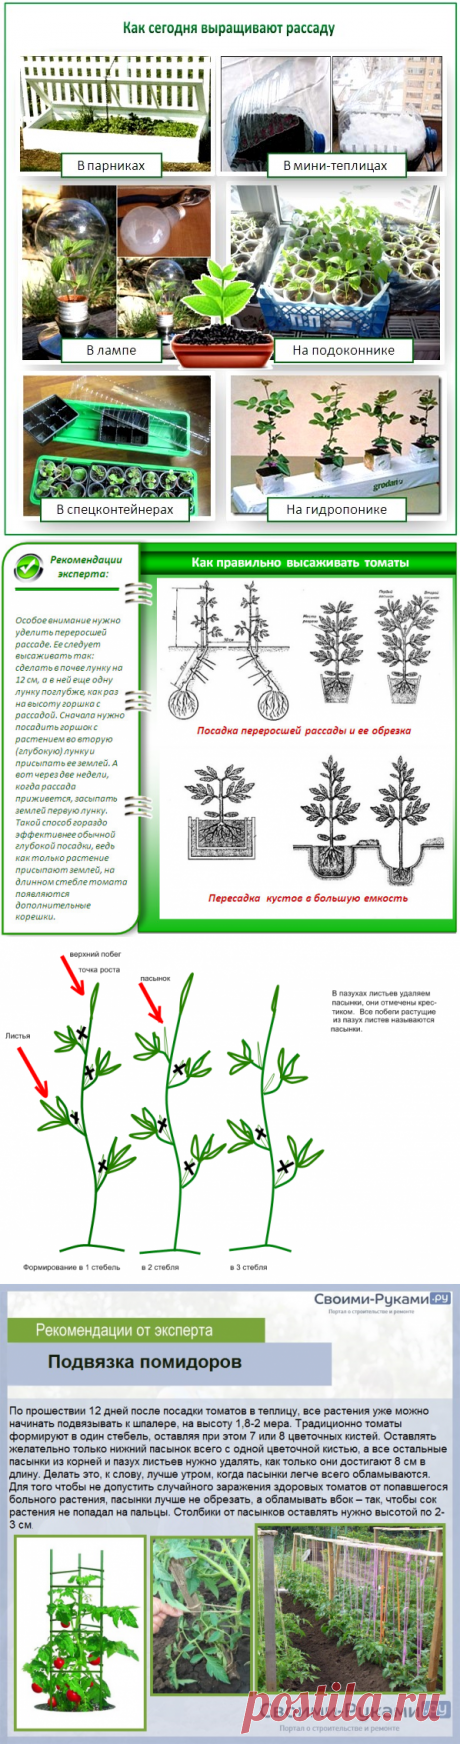 Помидоры: ранние низкорослые сорта для открытого грунта - подробное описание + агротехнология!